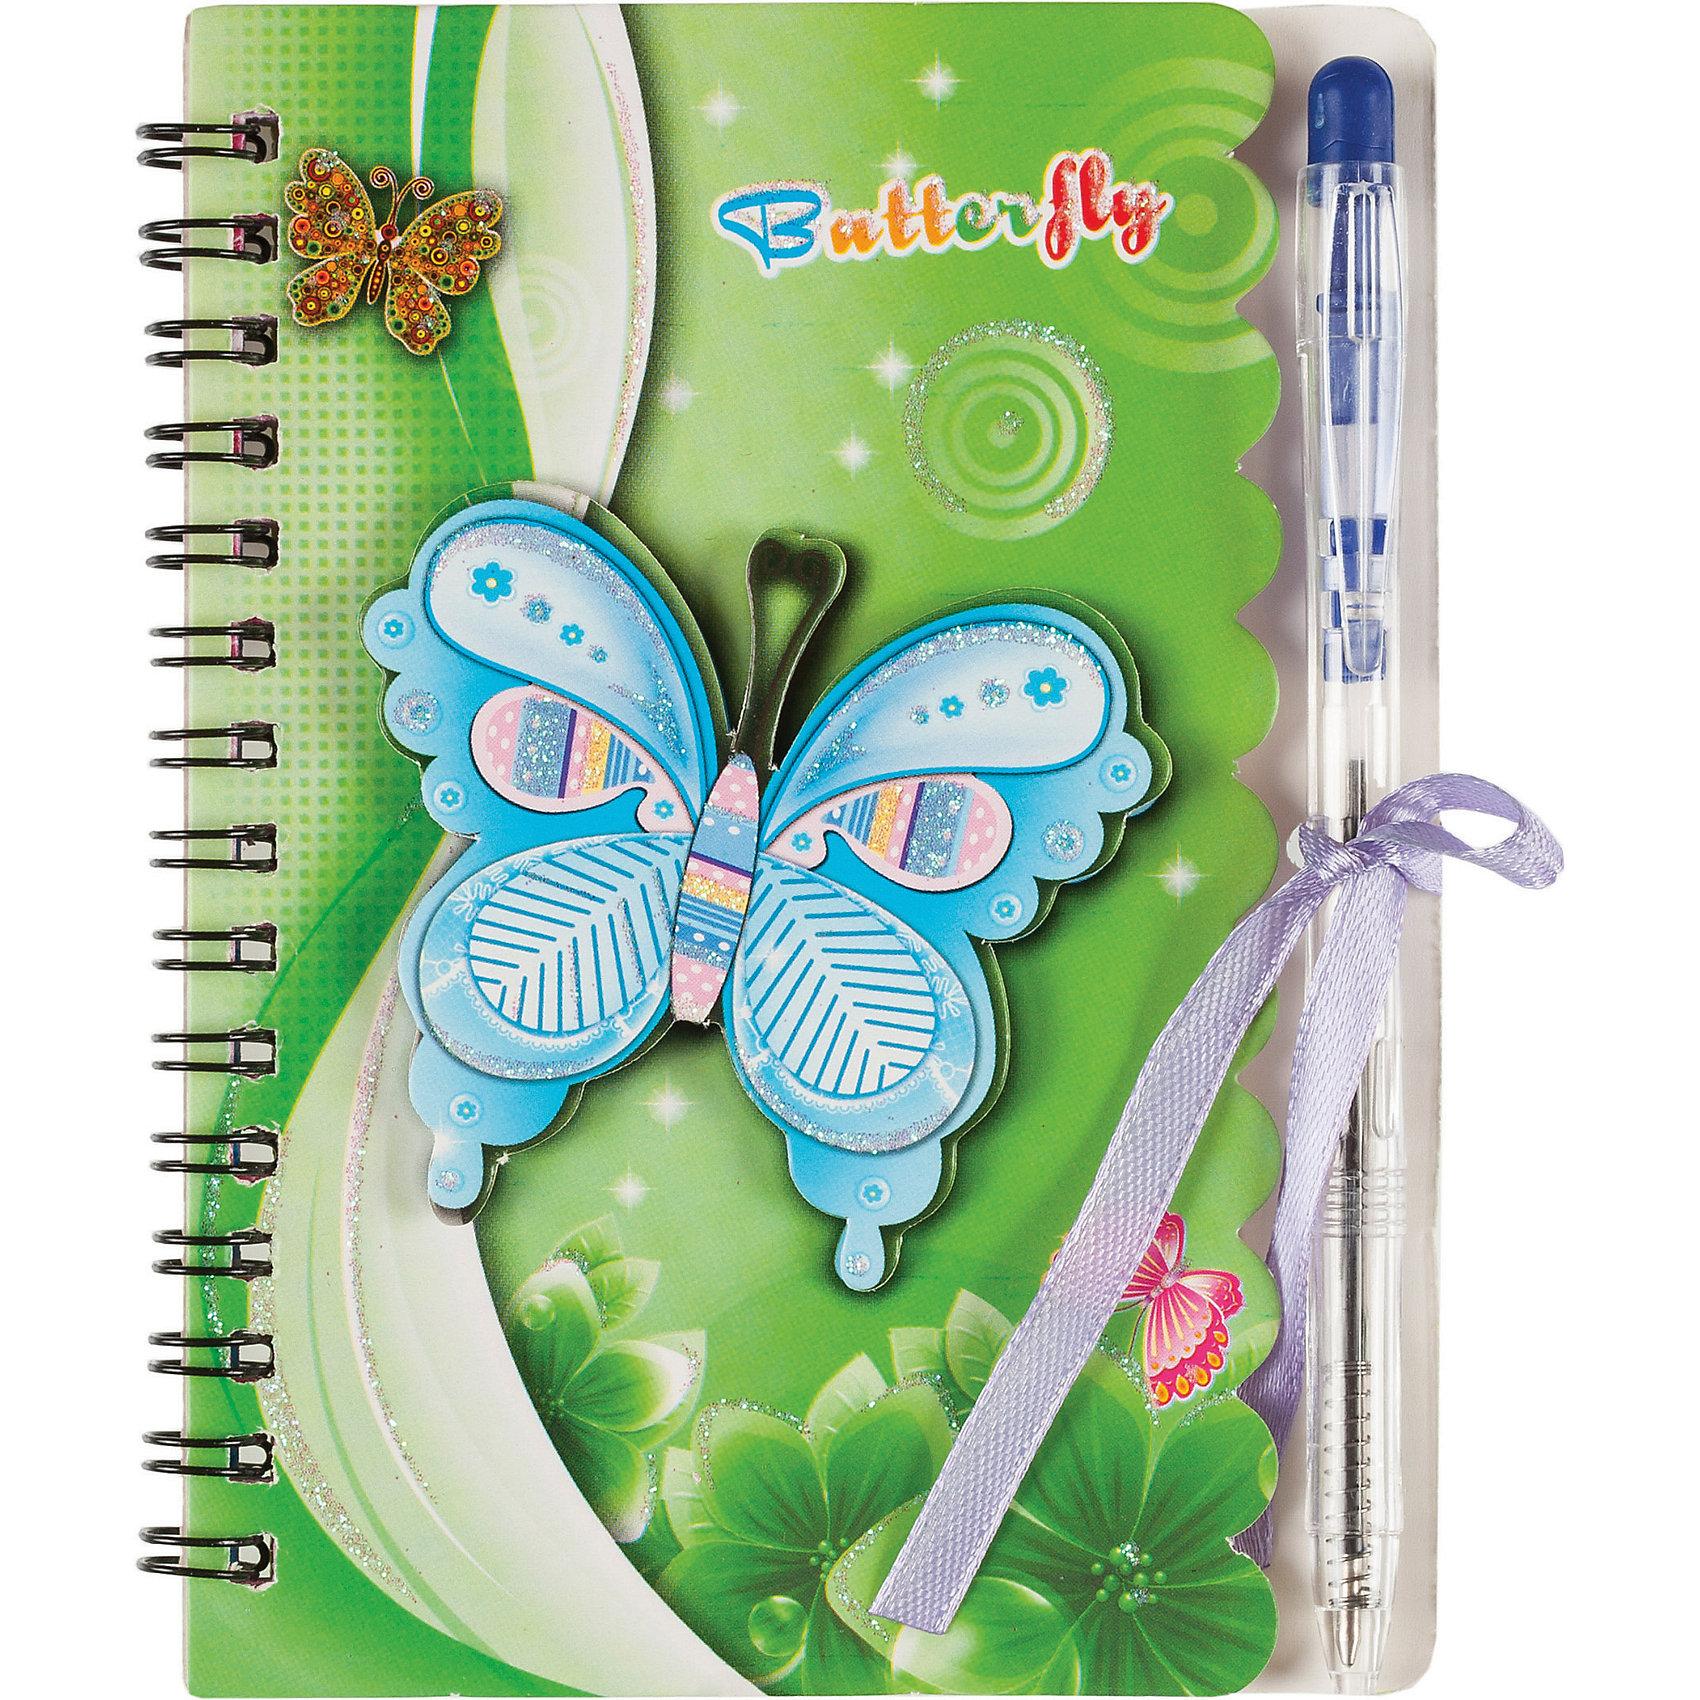 Блокнот с ручкой, 40 листовБлокнот с ручкой, 40 листов<br><br>Характеристики:<br><br>- в набор входит: блокнот на пружине, ручка<br>- состав: бумага (70 г/м2.), картон, пластик<br>- формат: 10,5 * 1 * 14 см.<br>- для детей в возрасте: от 3х лет<br>- страна производитель: Китай<br><br>Блокнот с завязочками и ручкой в комплекте от немецкого бренда Centrum (Центрум) понравится девочкам! Теперь записи будут надежно закрываться и листочки не помнутся. Блокнот в линейку идеально подходит как для записей стихотворений, так и рецептов. Сорок листов для свободного творчества позволят проявить свои способности. Приятный рисунок с нежными бабочками и цветочками соответствует современным тенденциям и придет по вкусу даже тинейджерам. Удобное дополнение - ручка в тон блокноту, поможет создать любой шедевр и будет всегда под рукой.<br><br>Блокнот с ручкой, 40 листов можно купить в нашем интернет-магазине.<br><br>Ширина мм: 12<br>Глубина мм: 110<br>Высота мм: 143<br>Вес г: 53<br>Возраст от месяцев: 36<br>Возраст до месяцев: 120<br>Пол: Женский<br>Возраст: Детский<br>SKU: 5175441